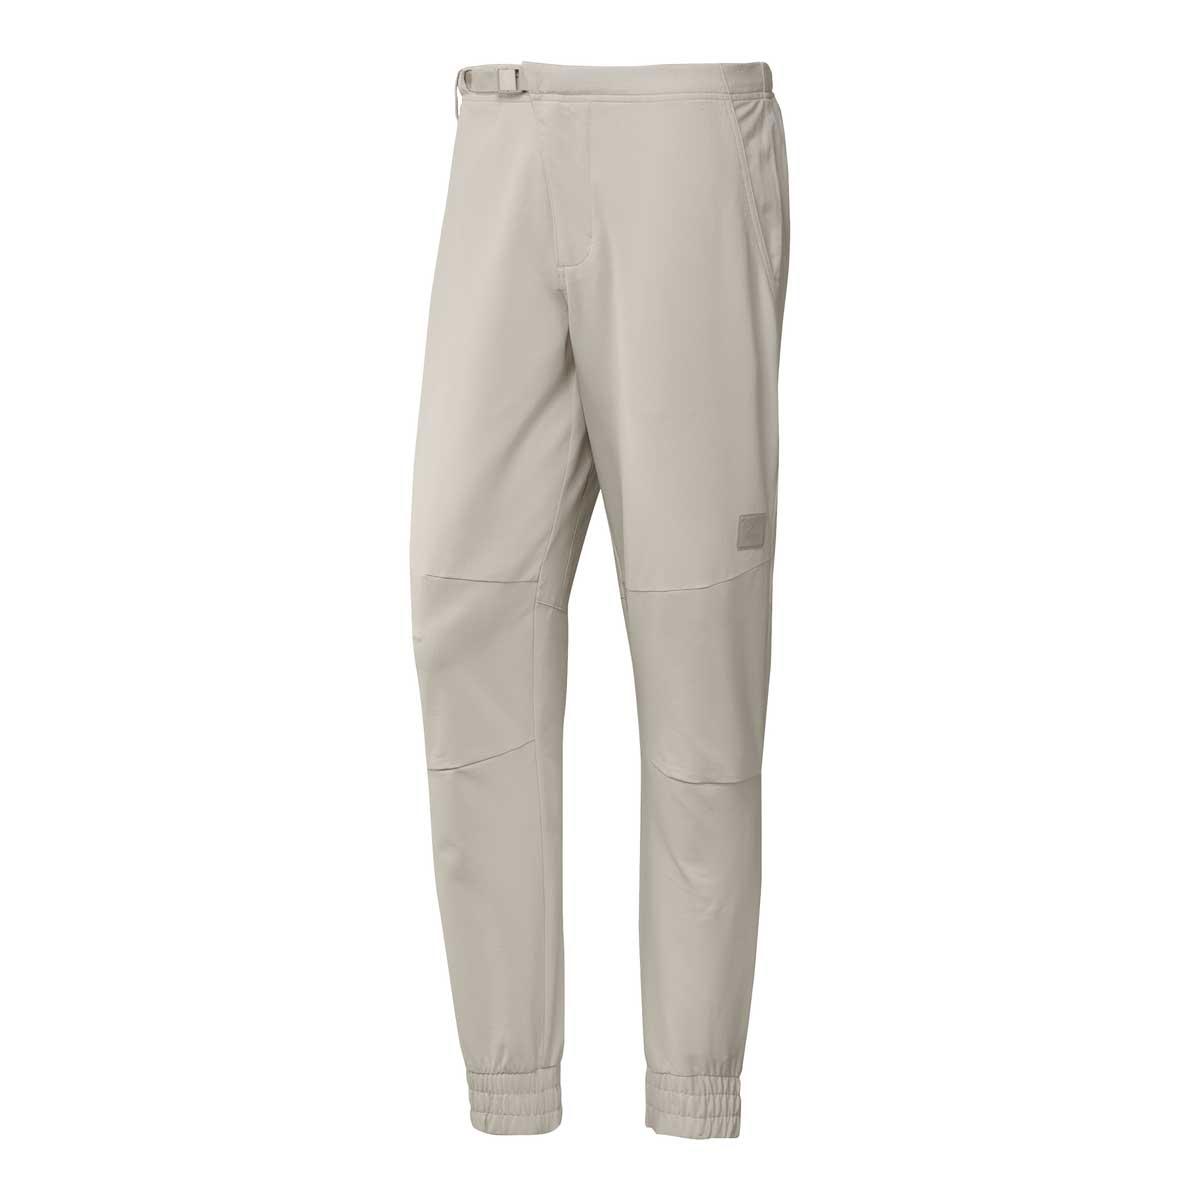 Adidas Men's Adicross Alumina Woven Jogger Pant